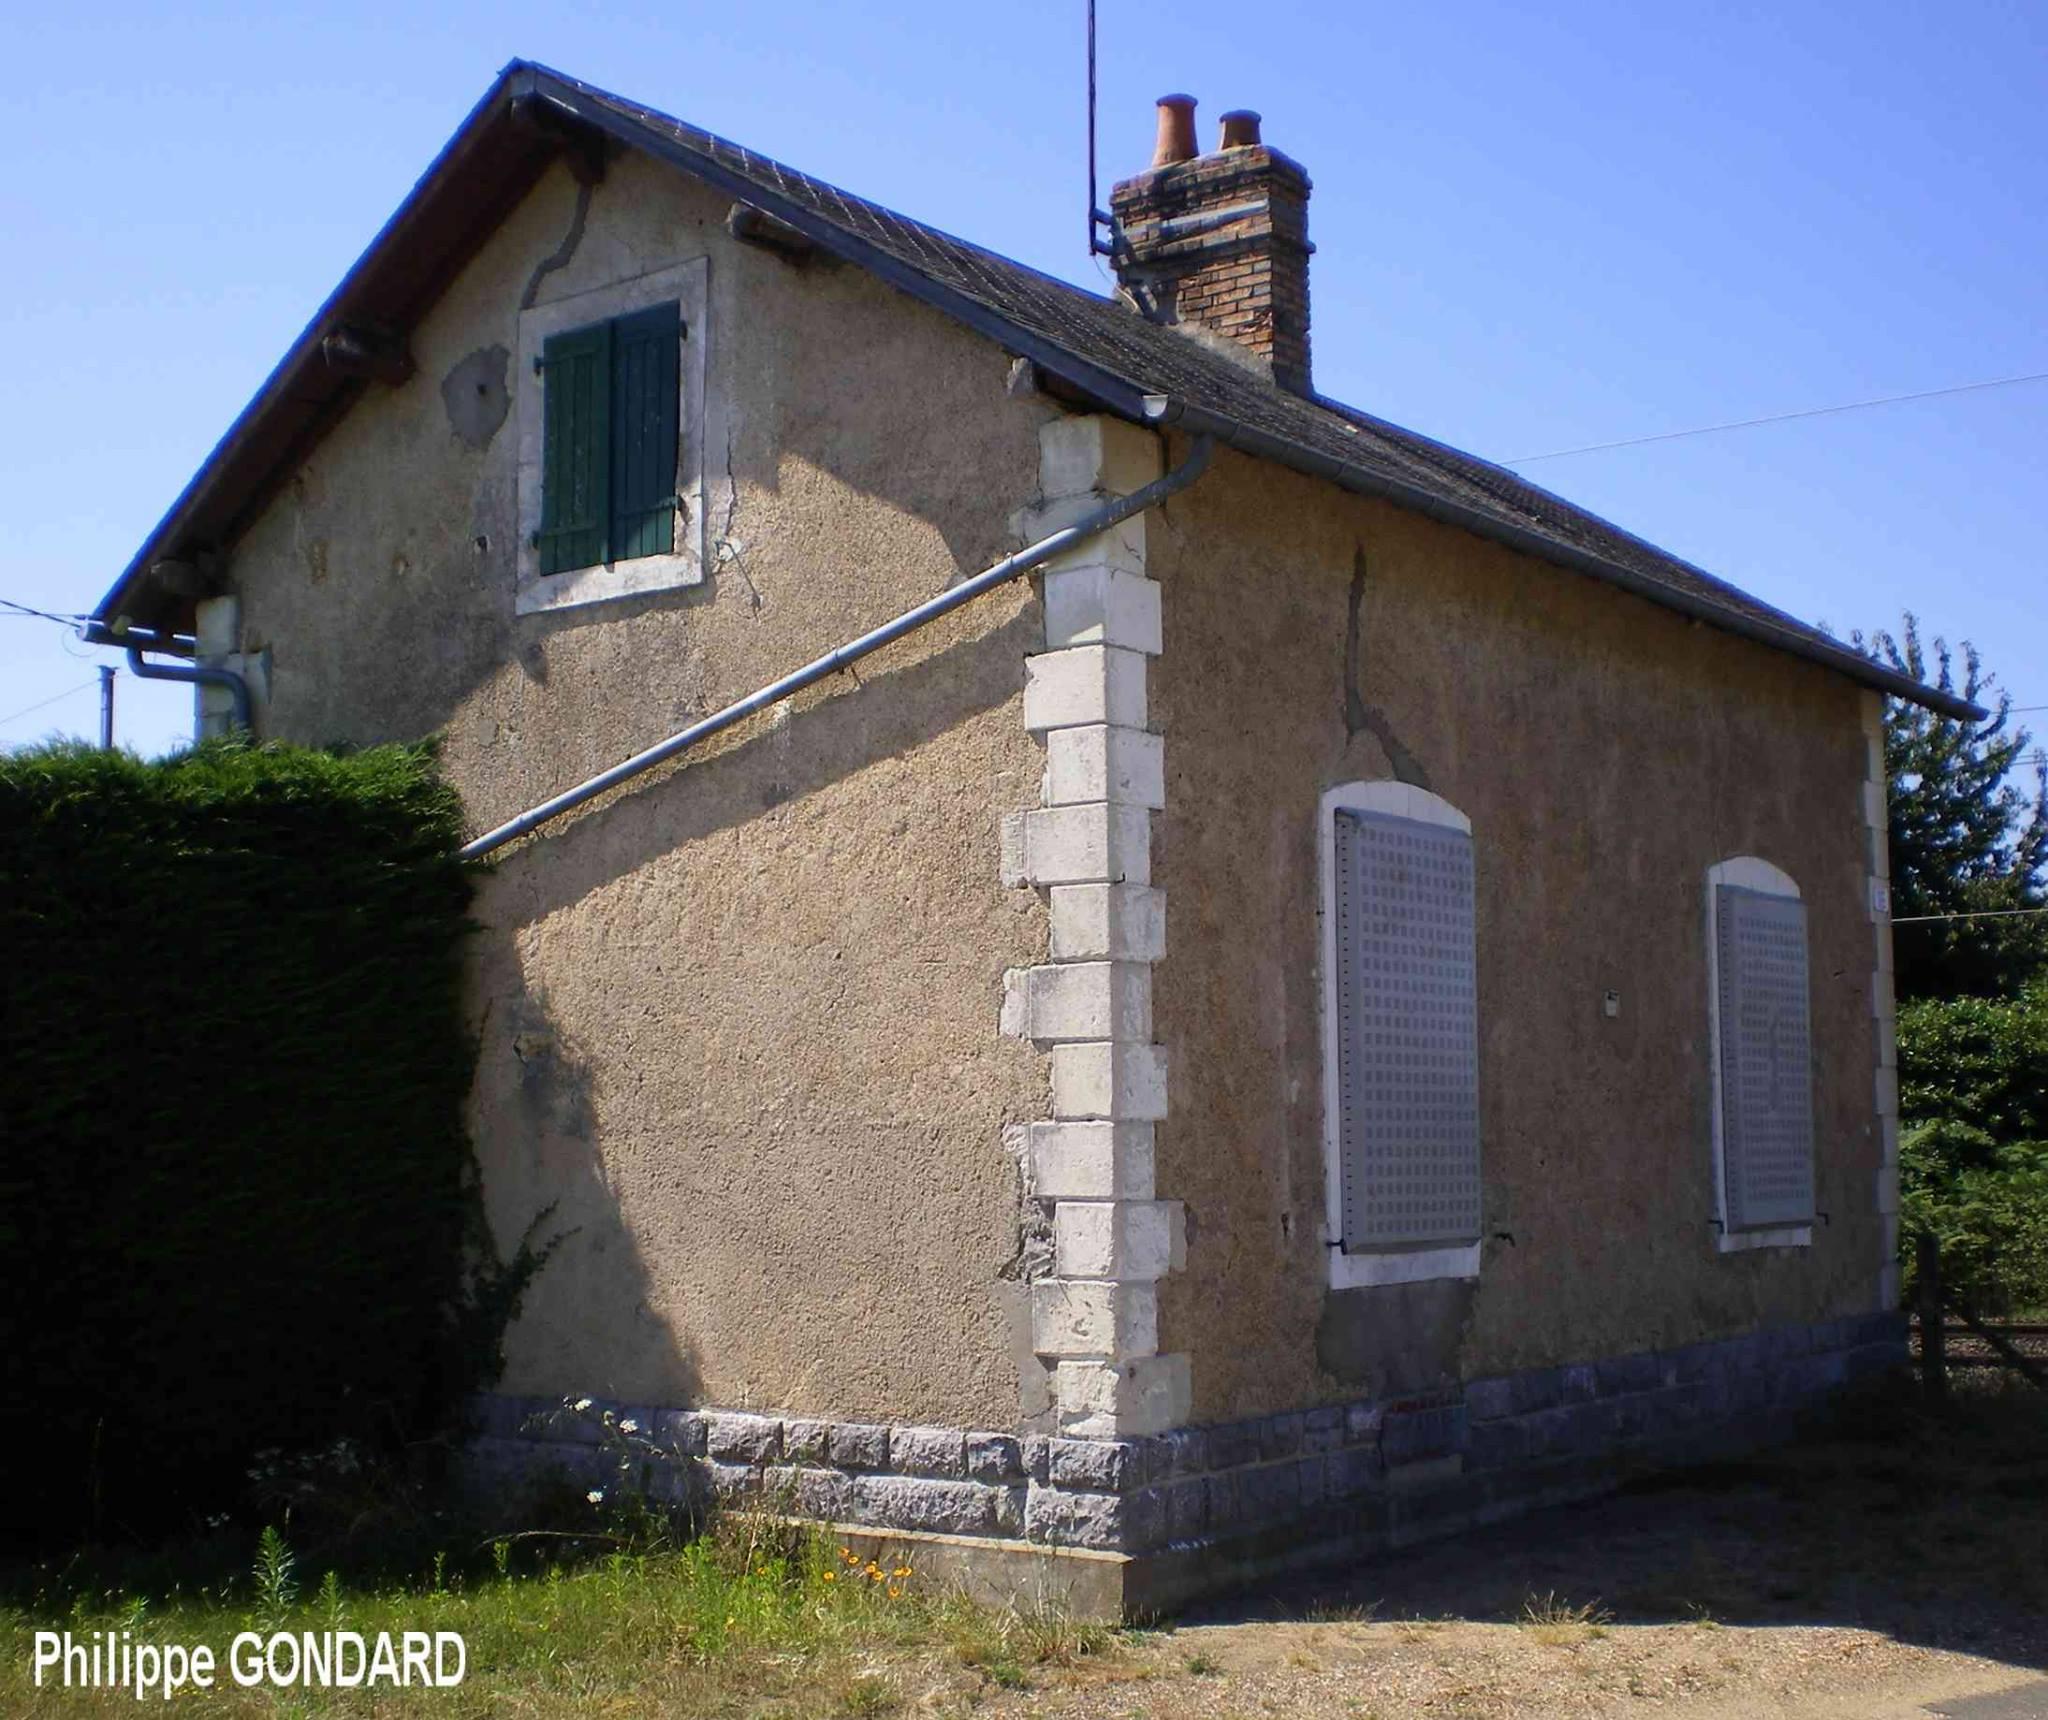 Saint Jean du Bois - Passage à niveau - 2012 (Philippe Gondard)